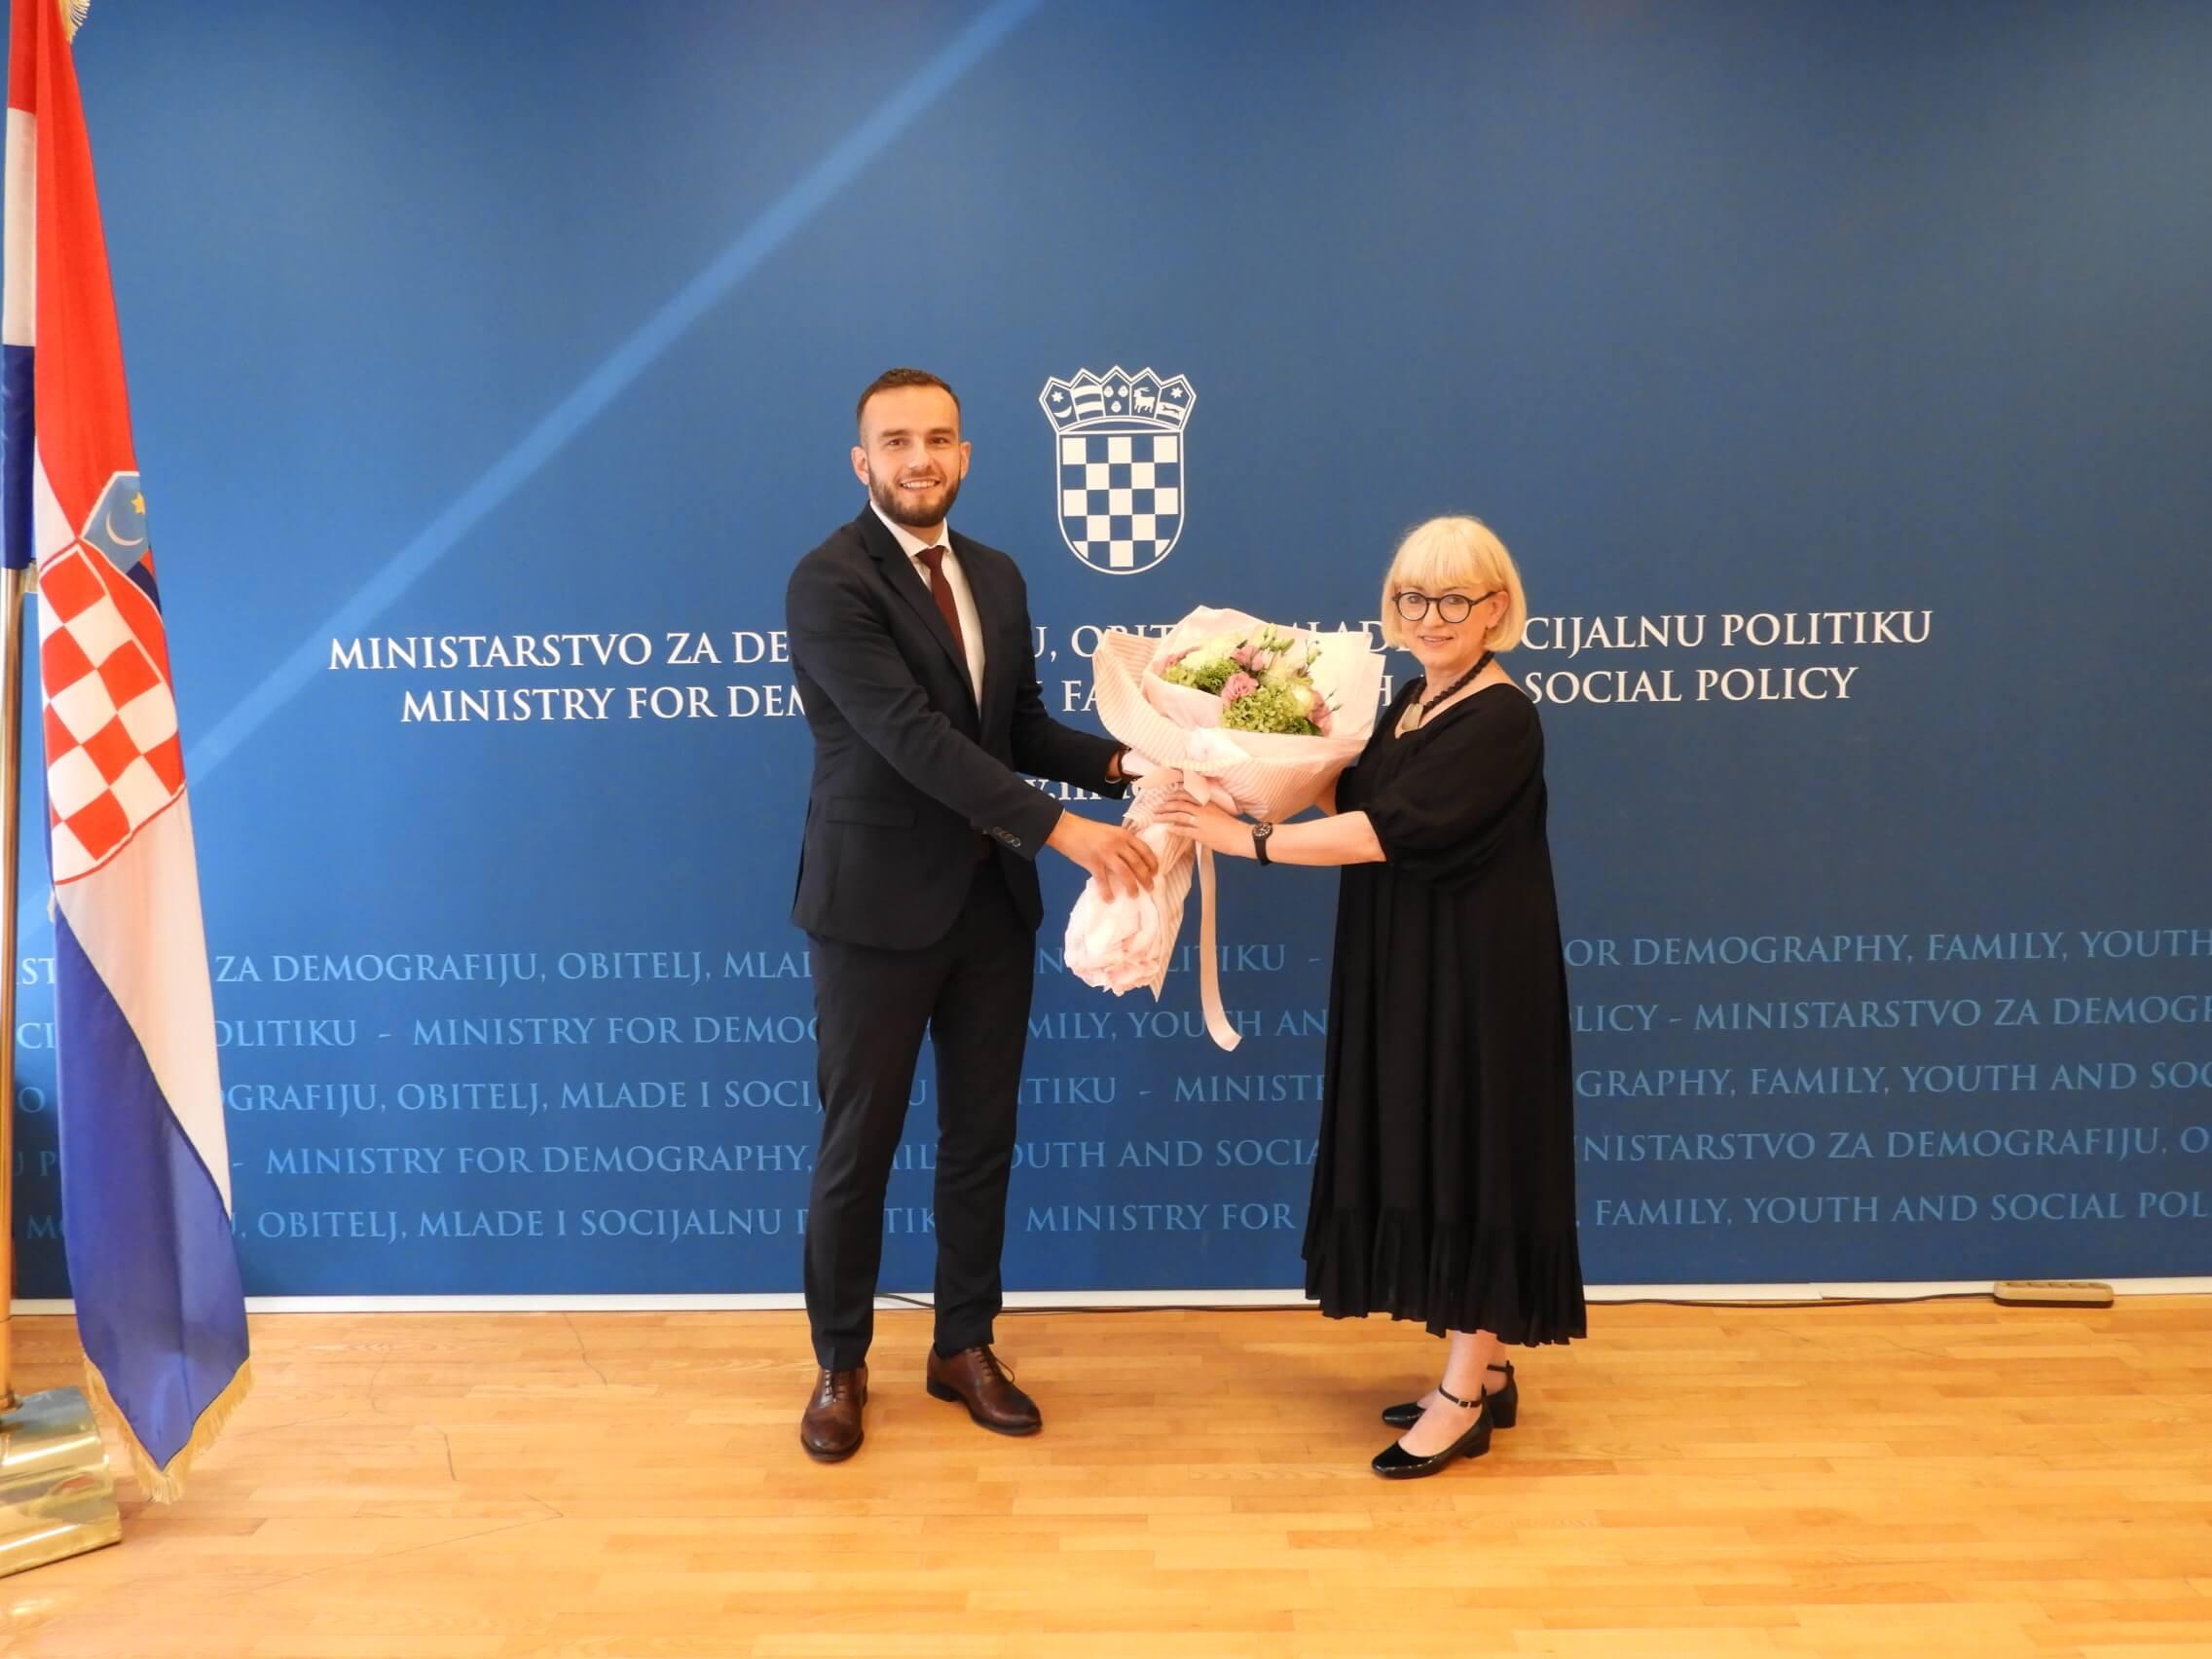 Ministari Aladrović i Bedeković odradili primopredaju, a Ministarstvo rada dobilo novo ime